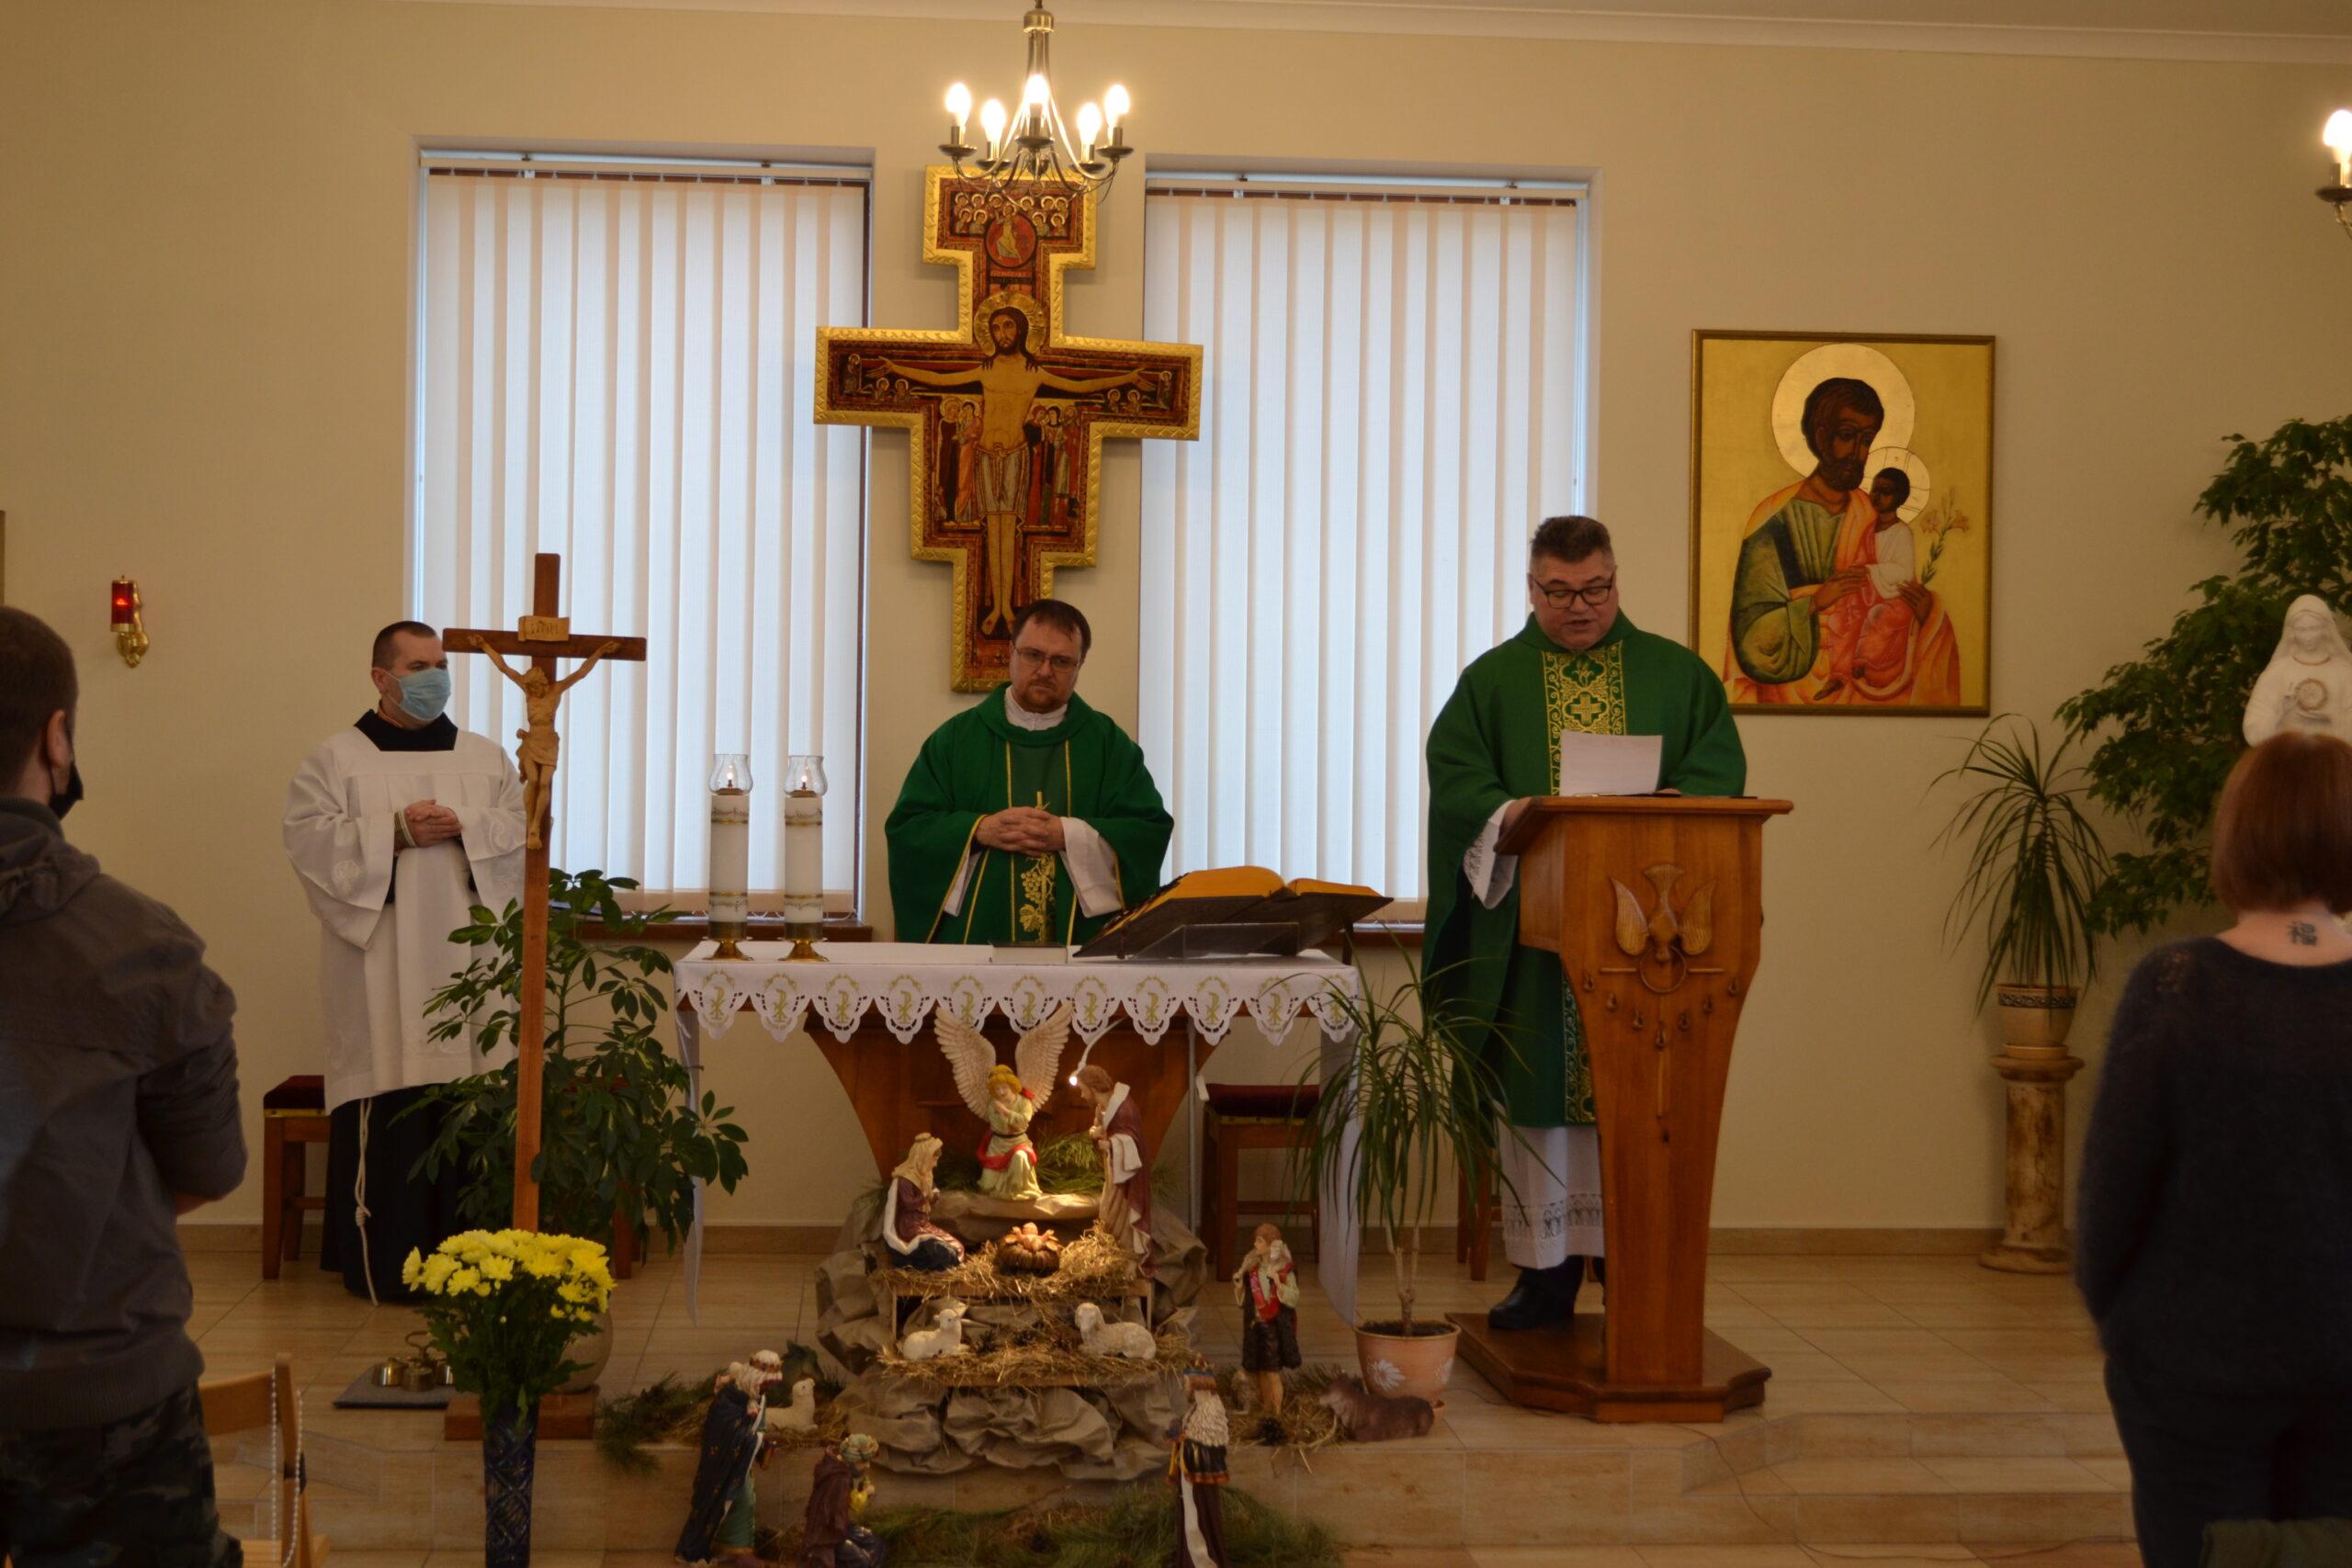 Новий настоятель парафії в Кременчуці склав присягу вірності